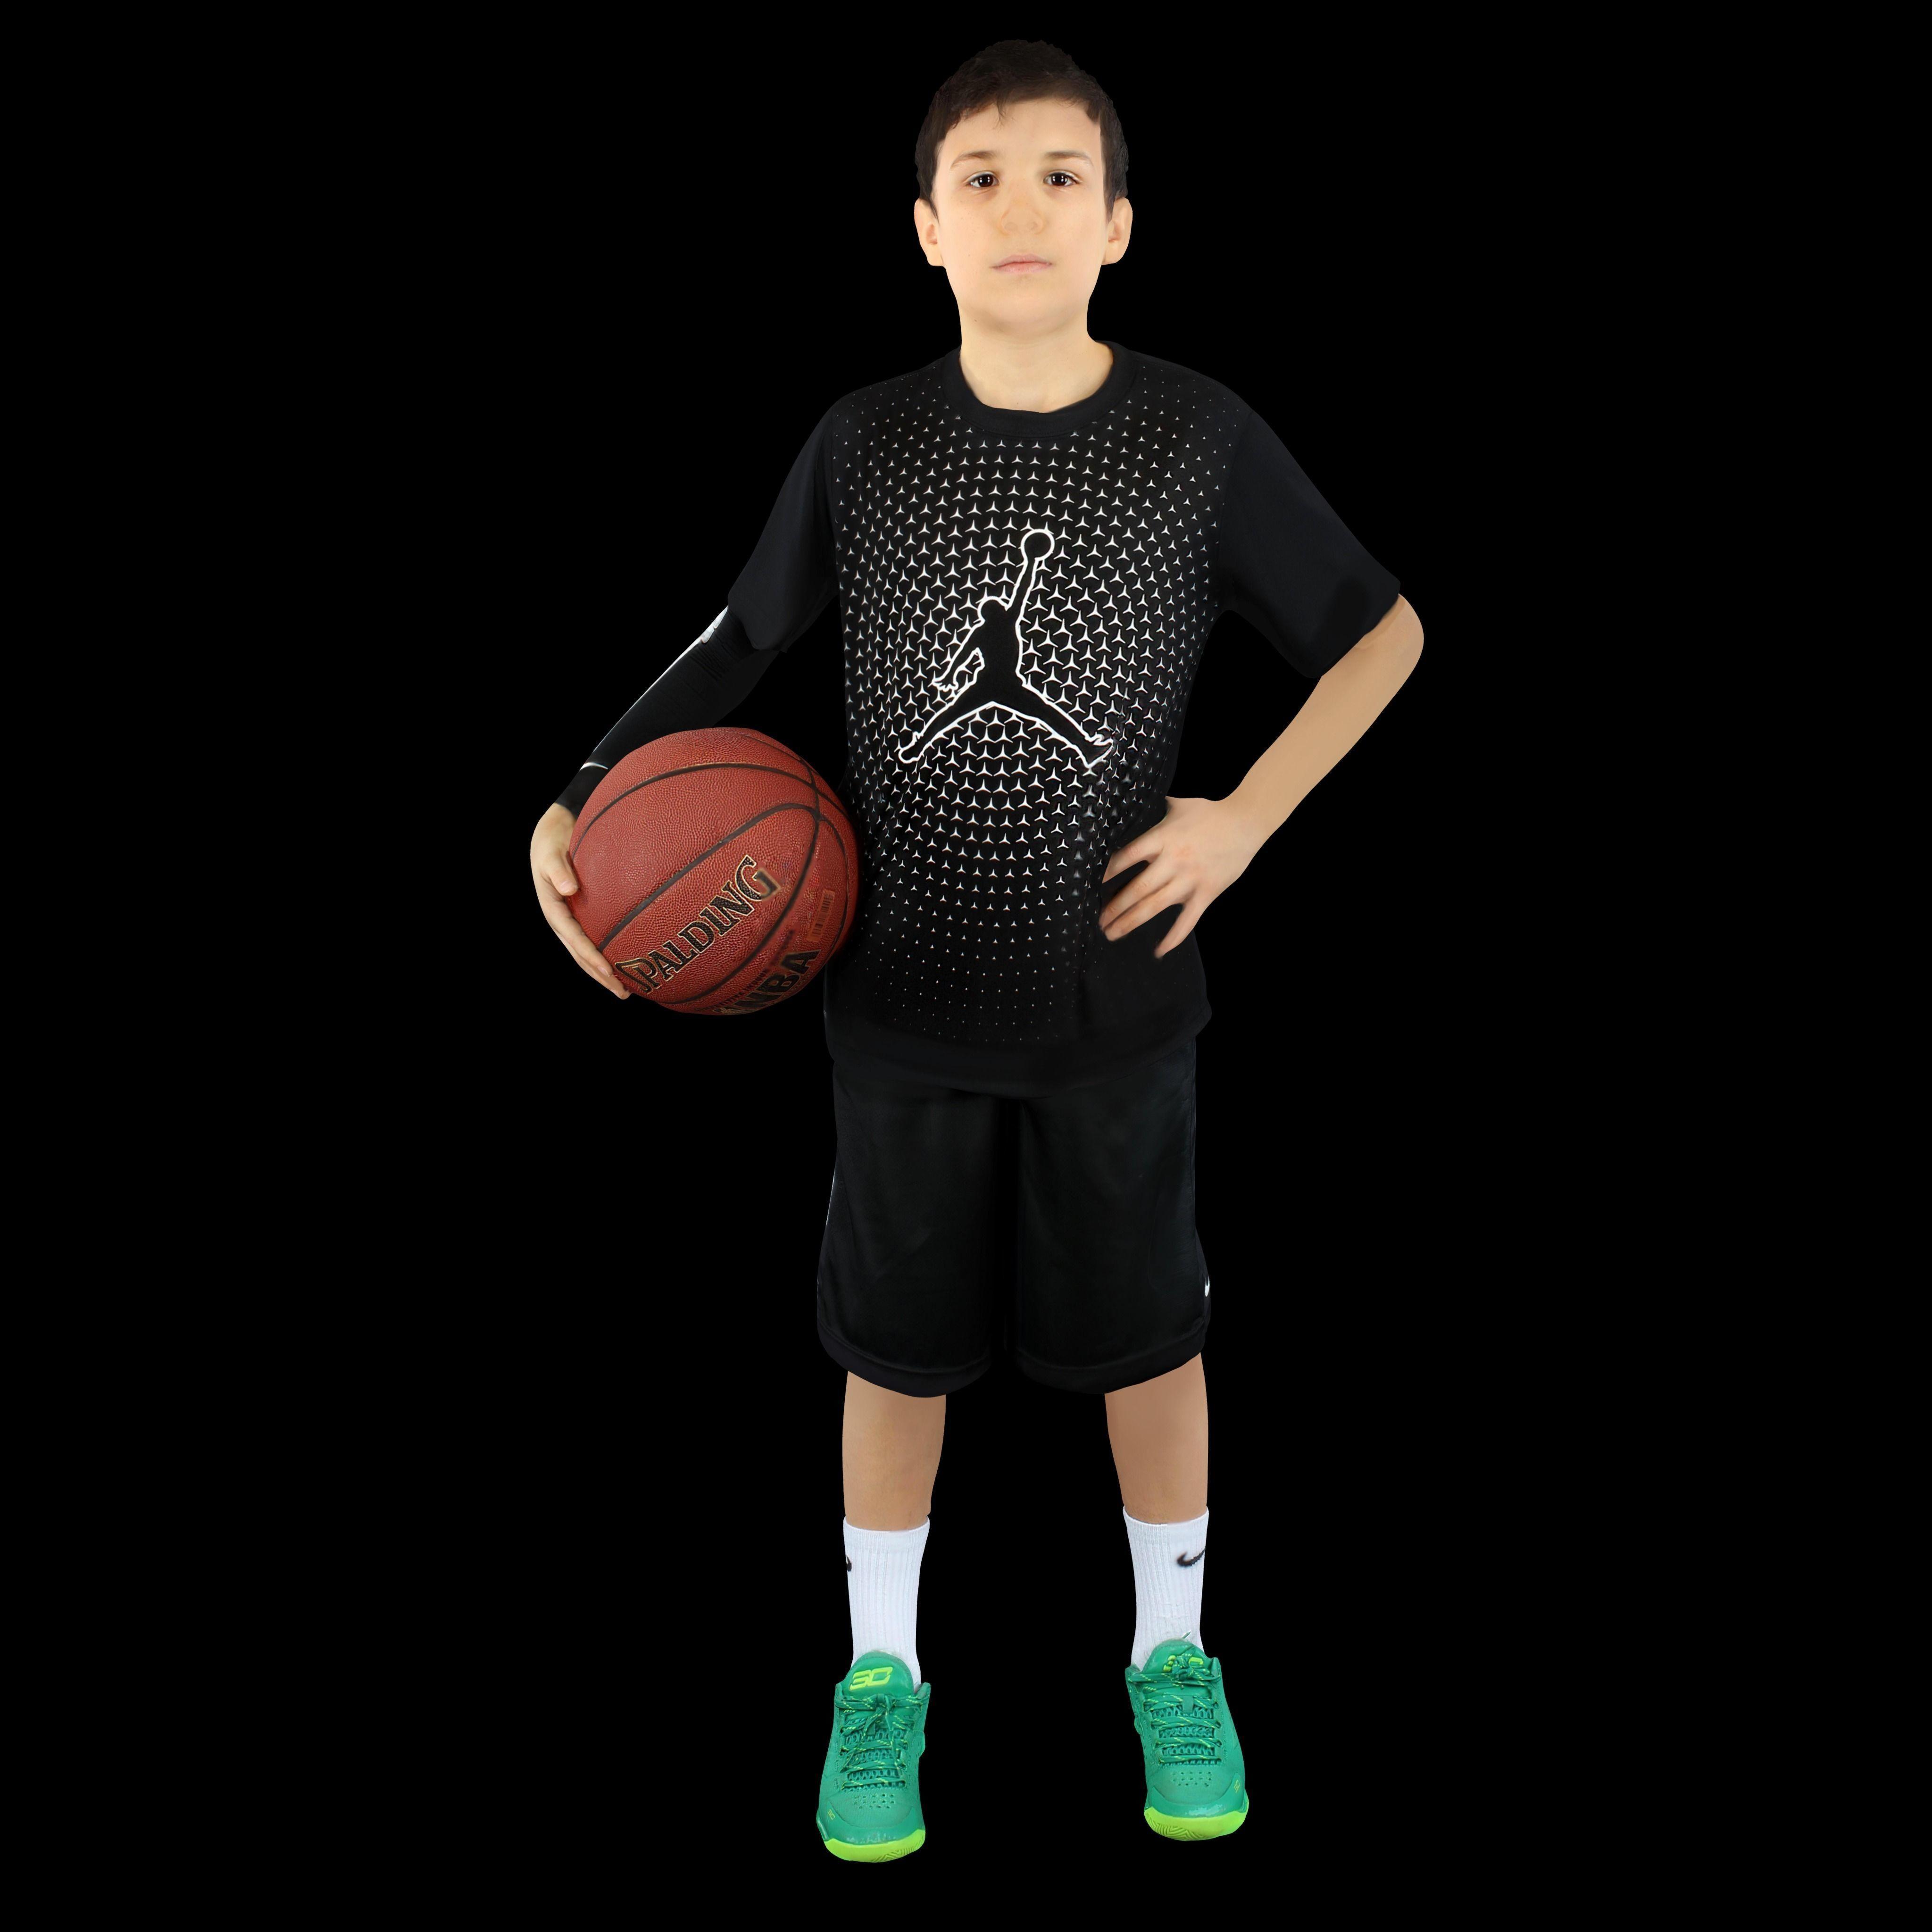 No336 - Basketball Player